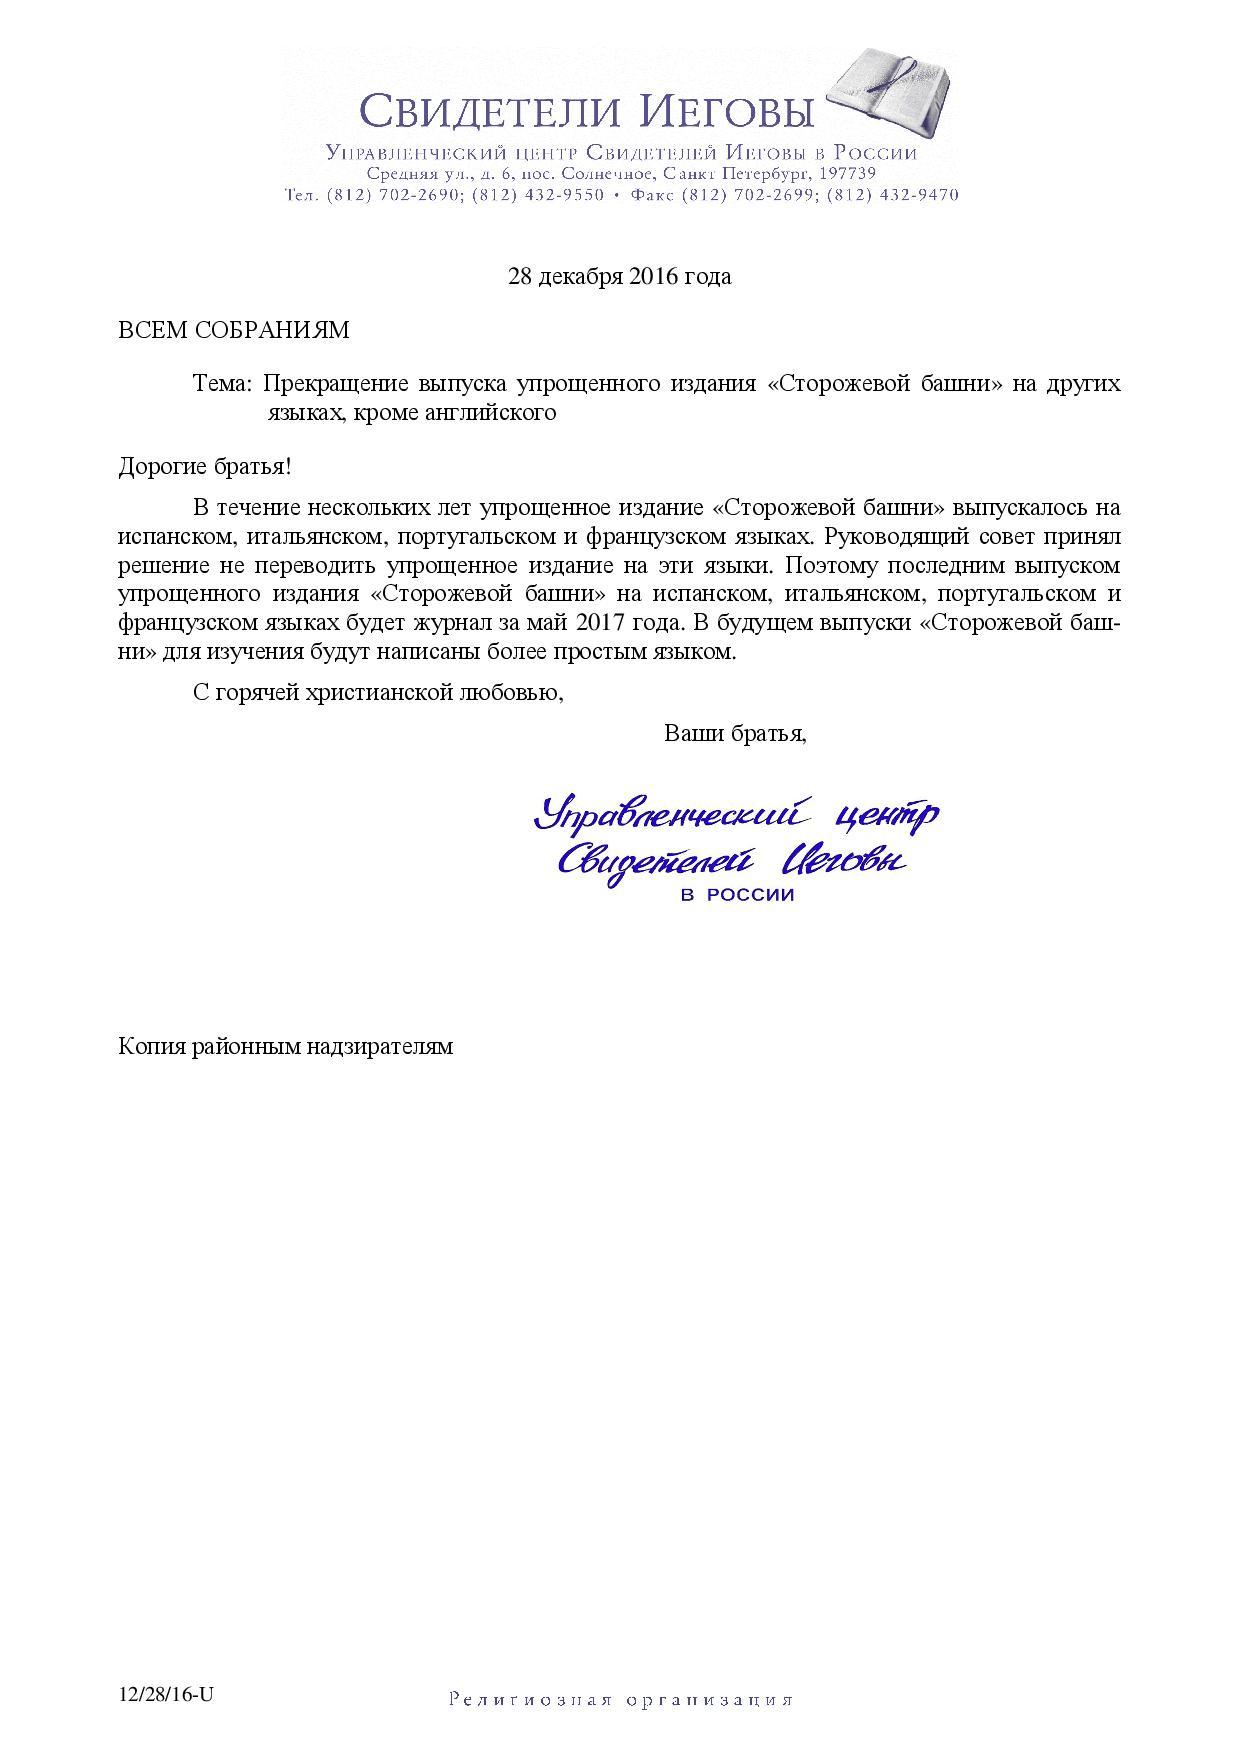 Письмо об упрощении языка СтБ 2016